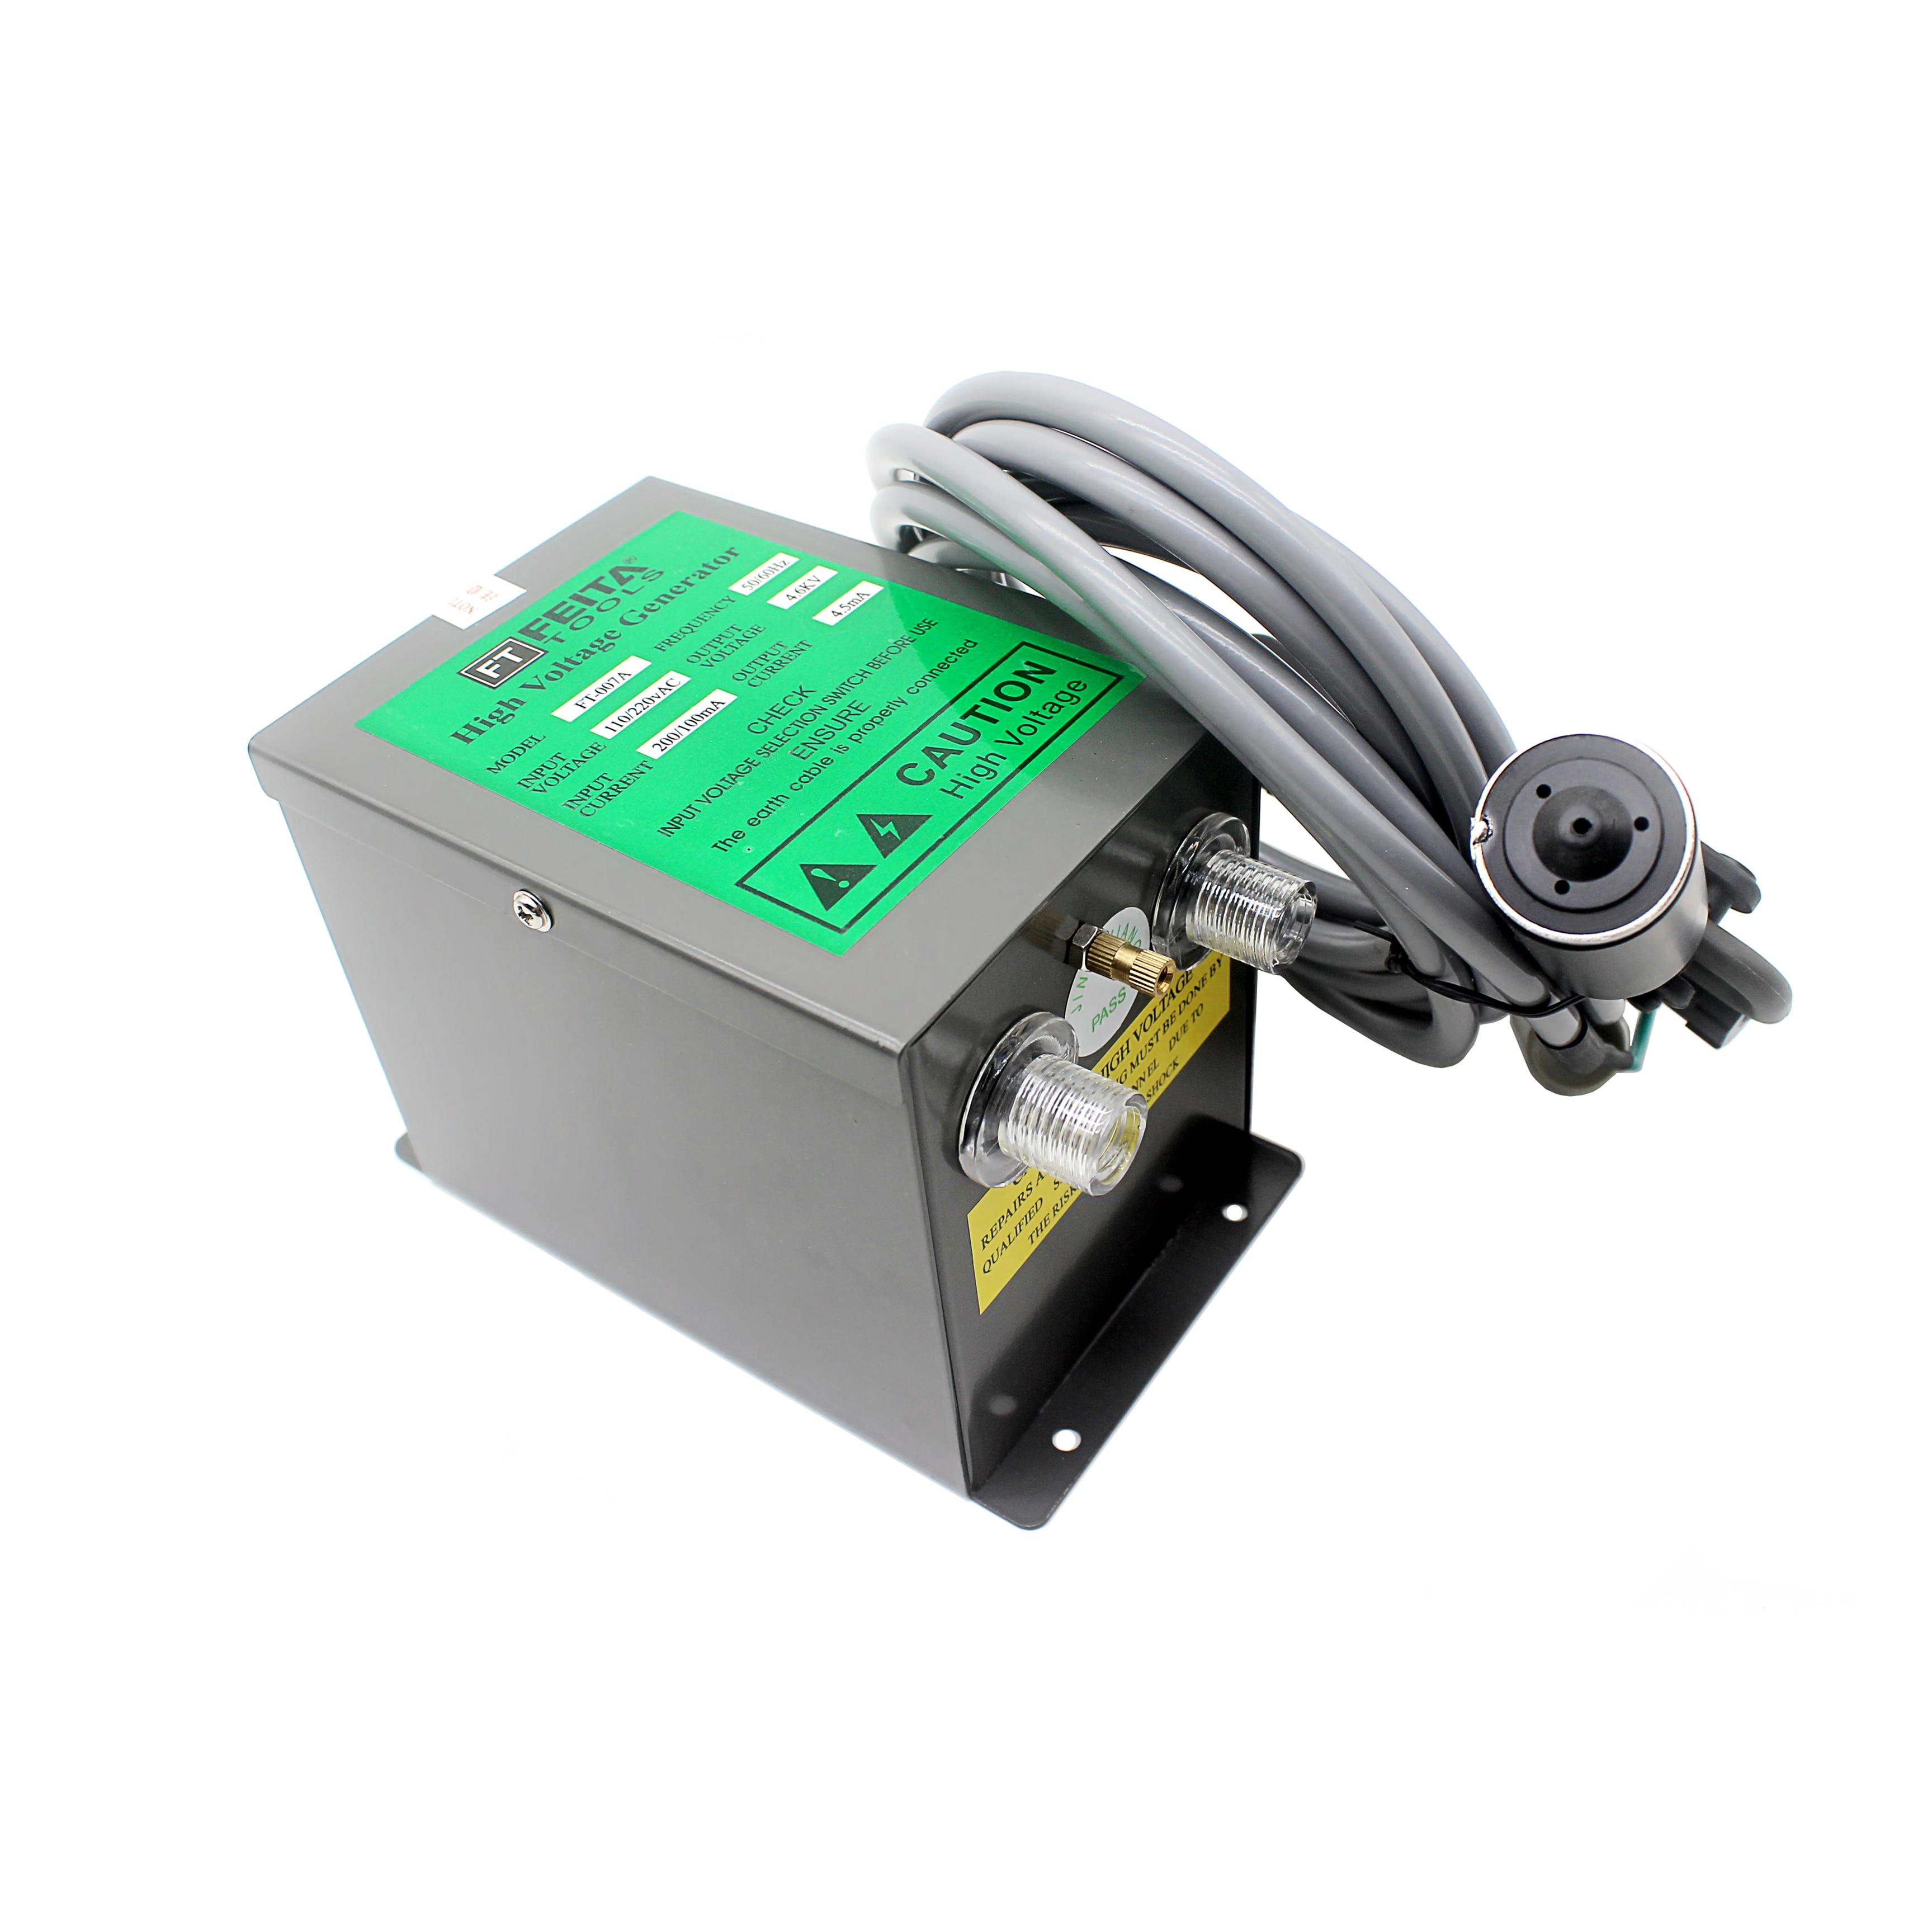 FEITA 004C / 007 ESD Pistola ad aria ionizzante Ventilatori ad aria - Utensili elettrici - Fotografia 3